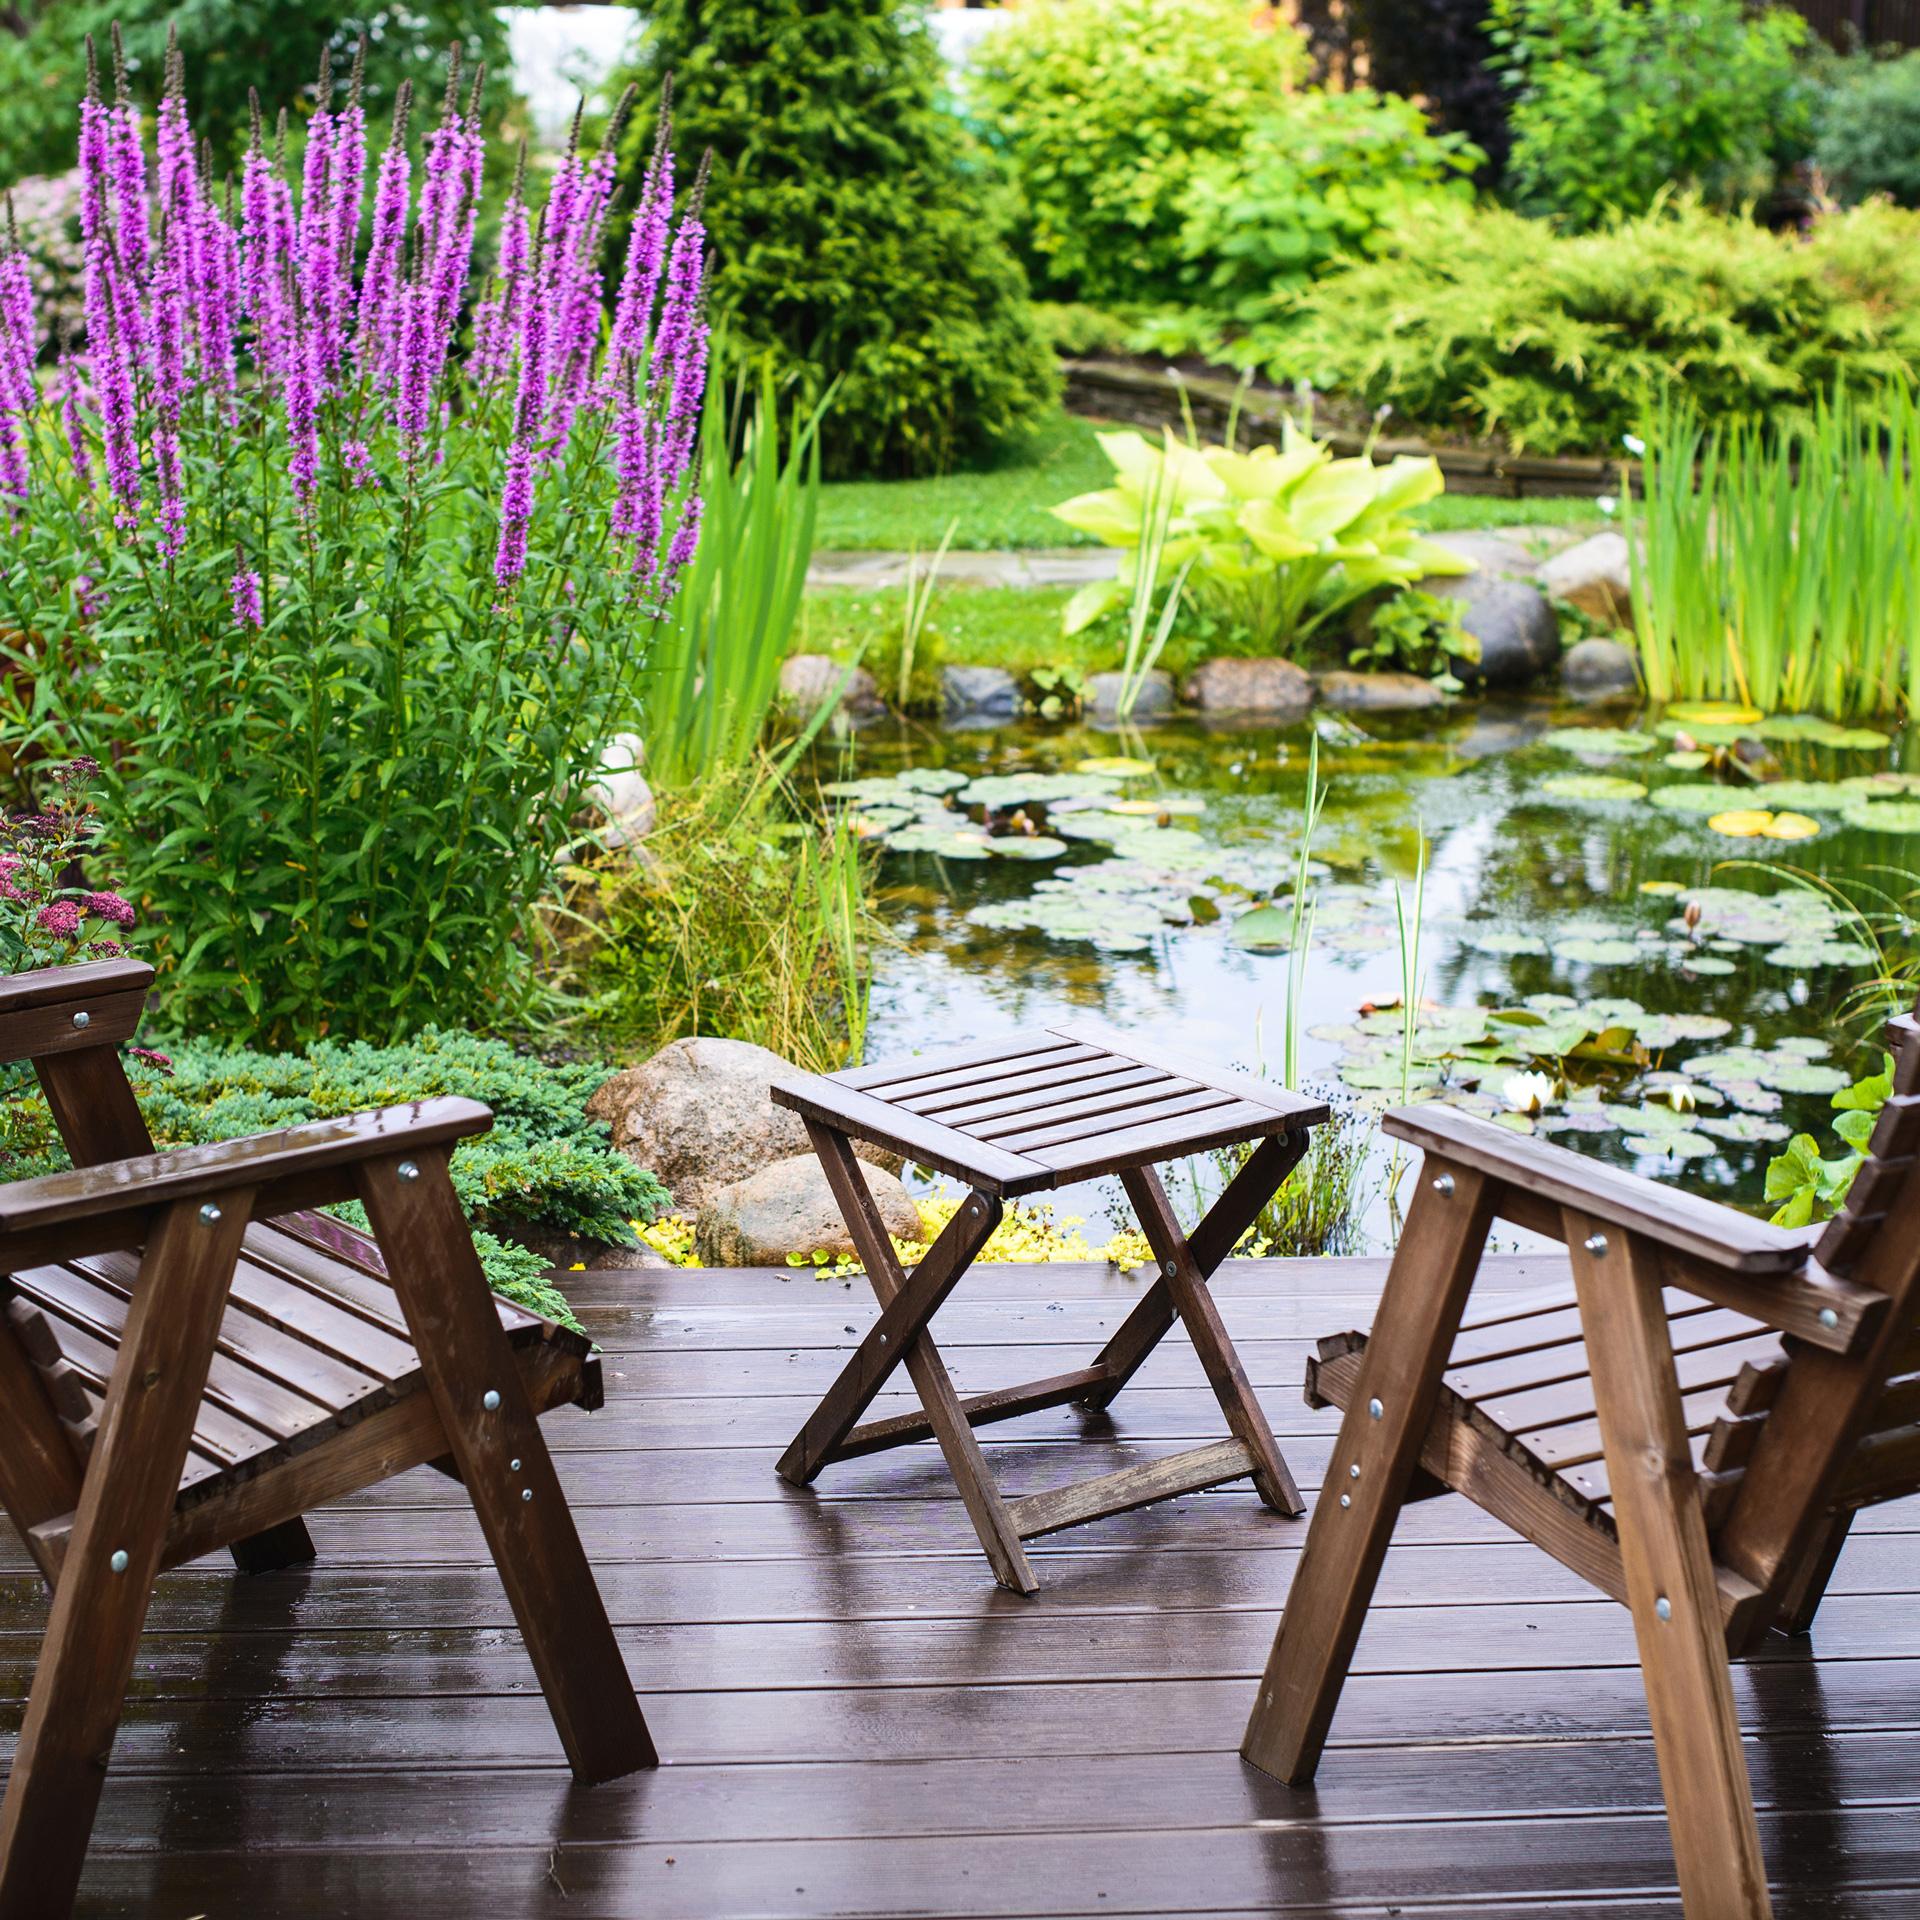 Gartenteich mit Teichschale anlegen - in 5 Schritten